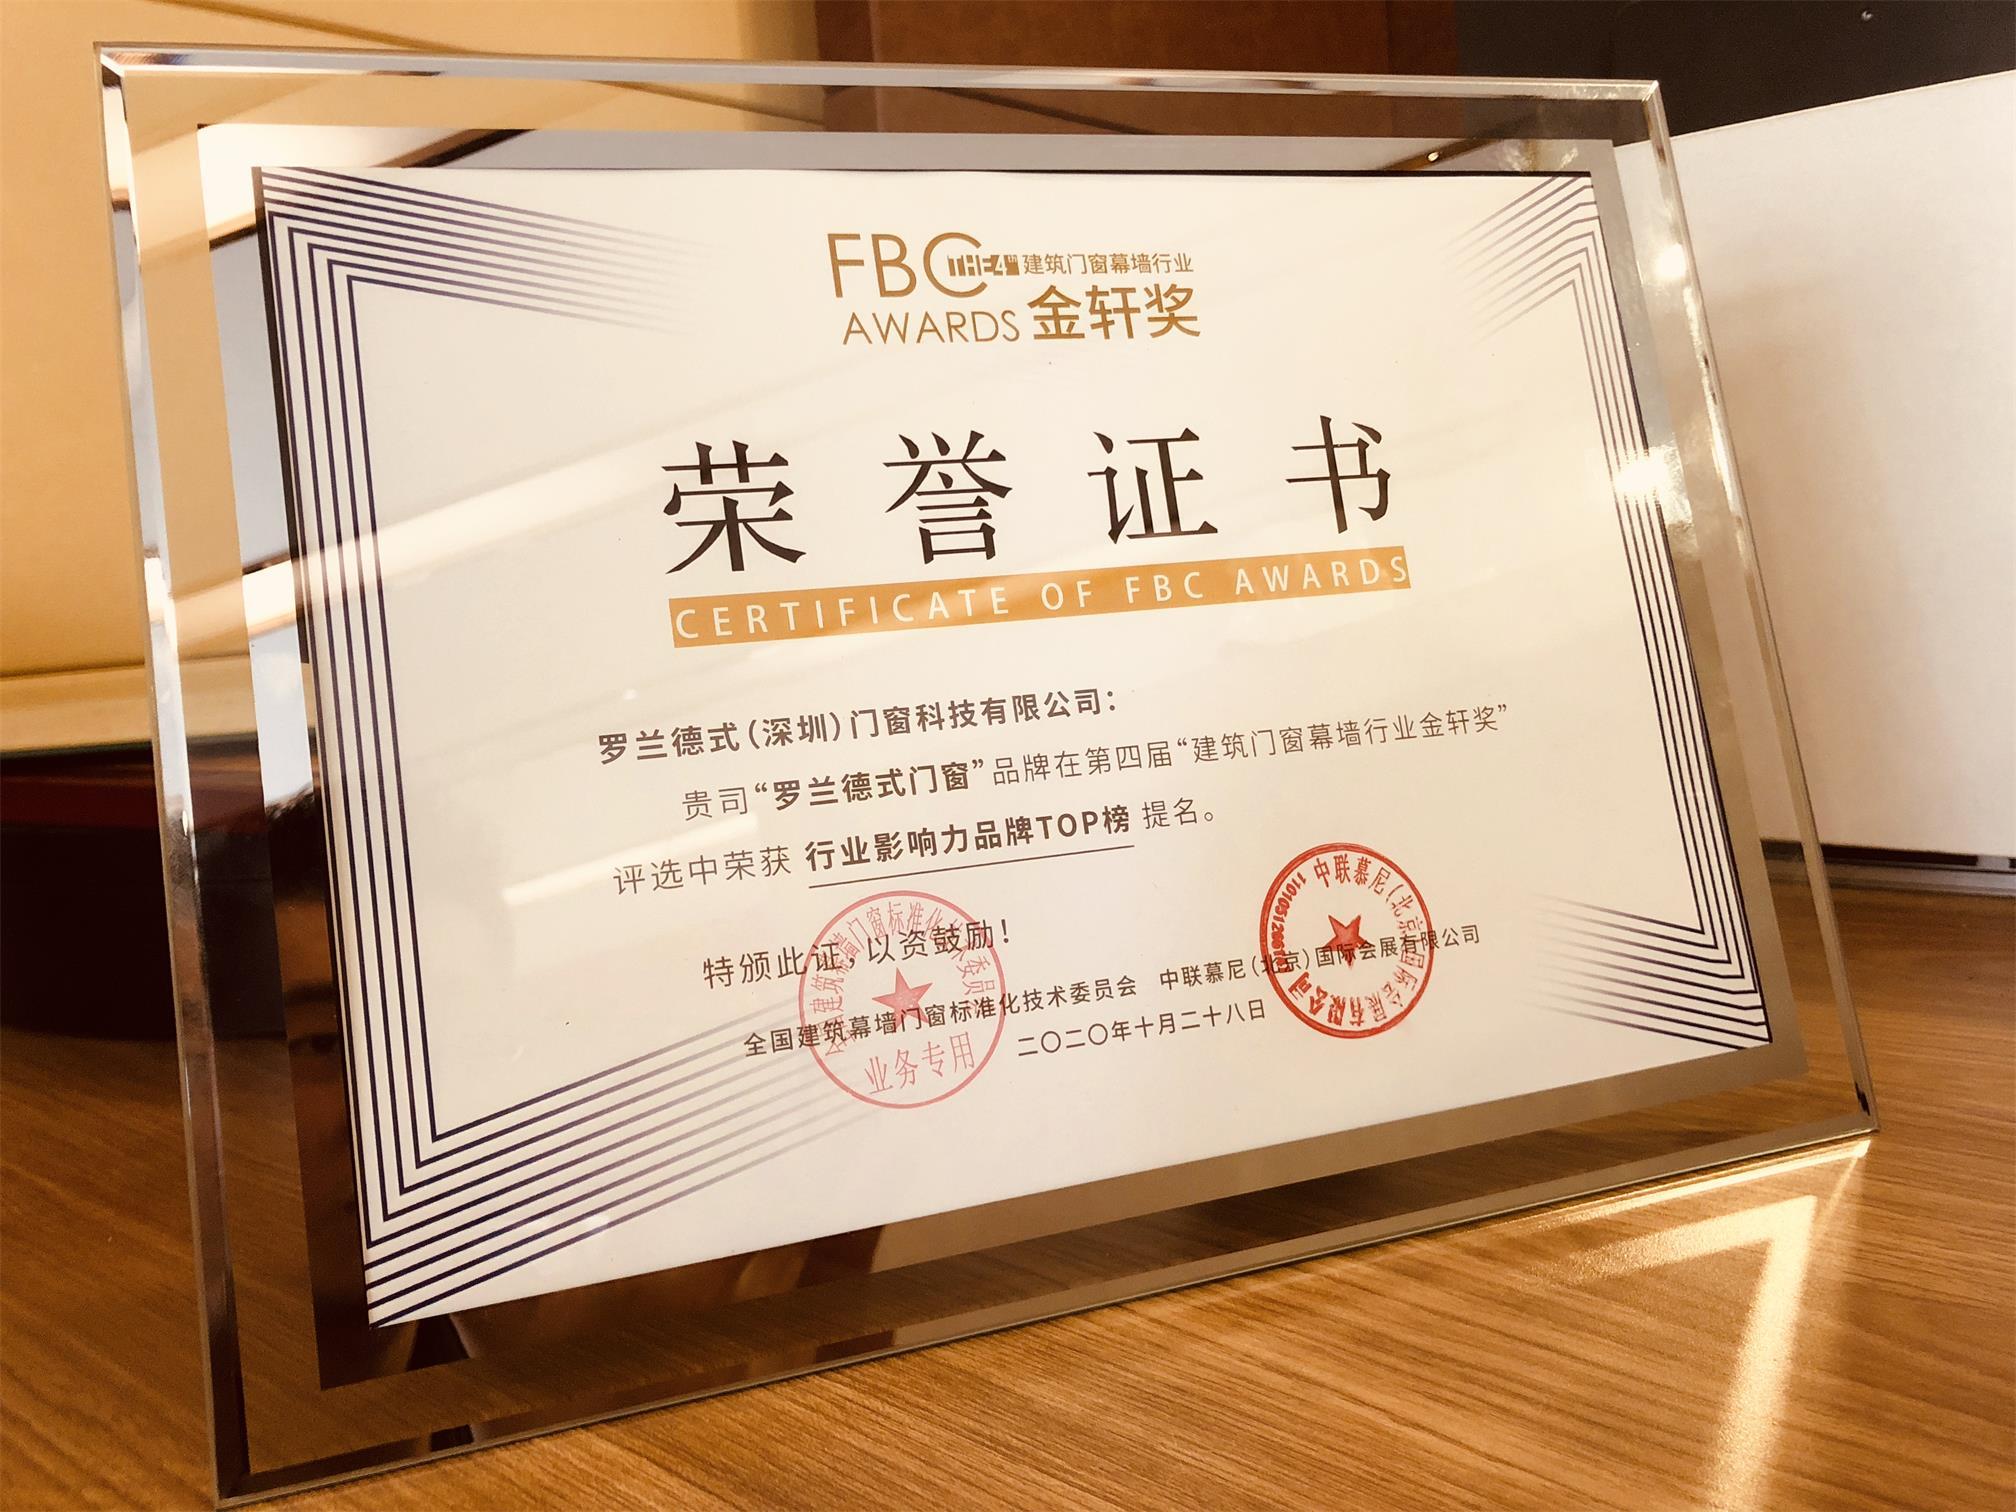 2020年金轩奖行业影响力品牌